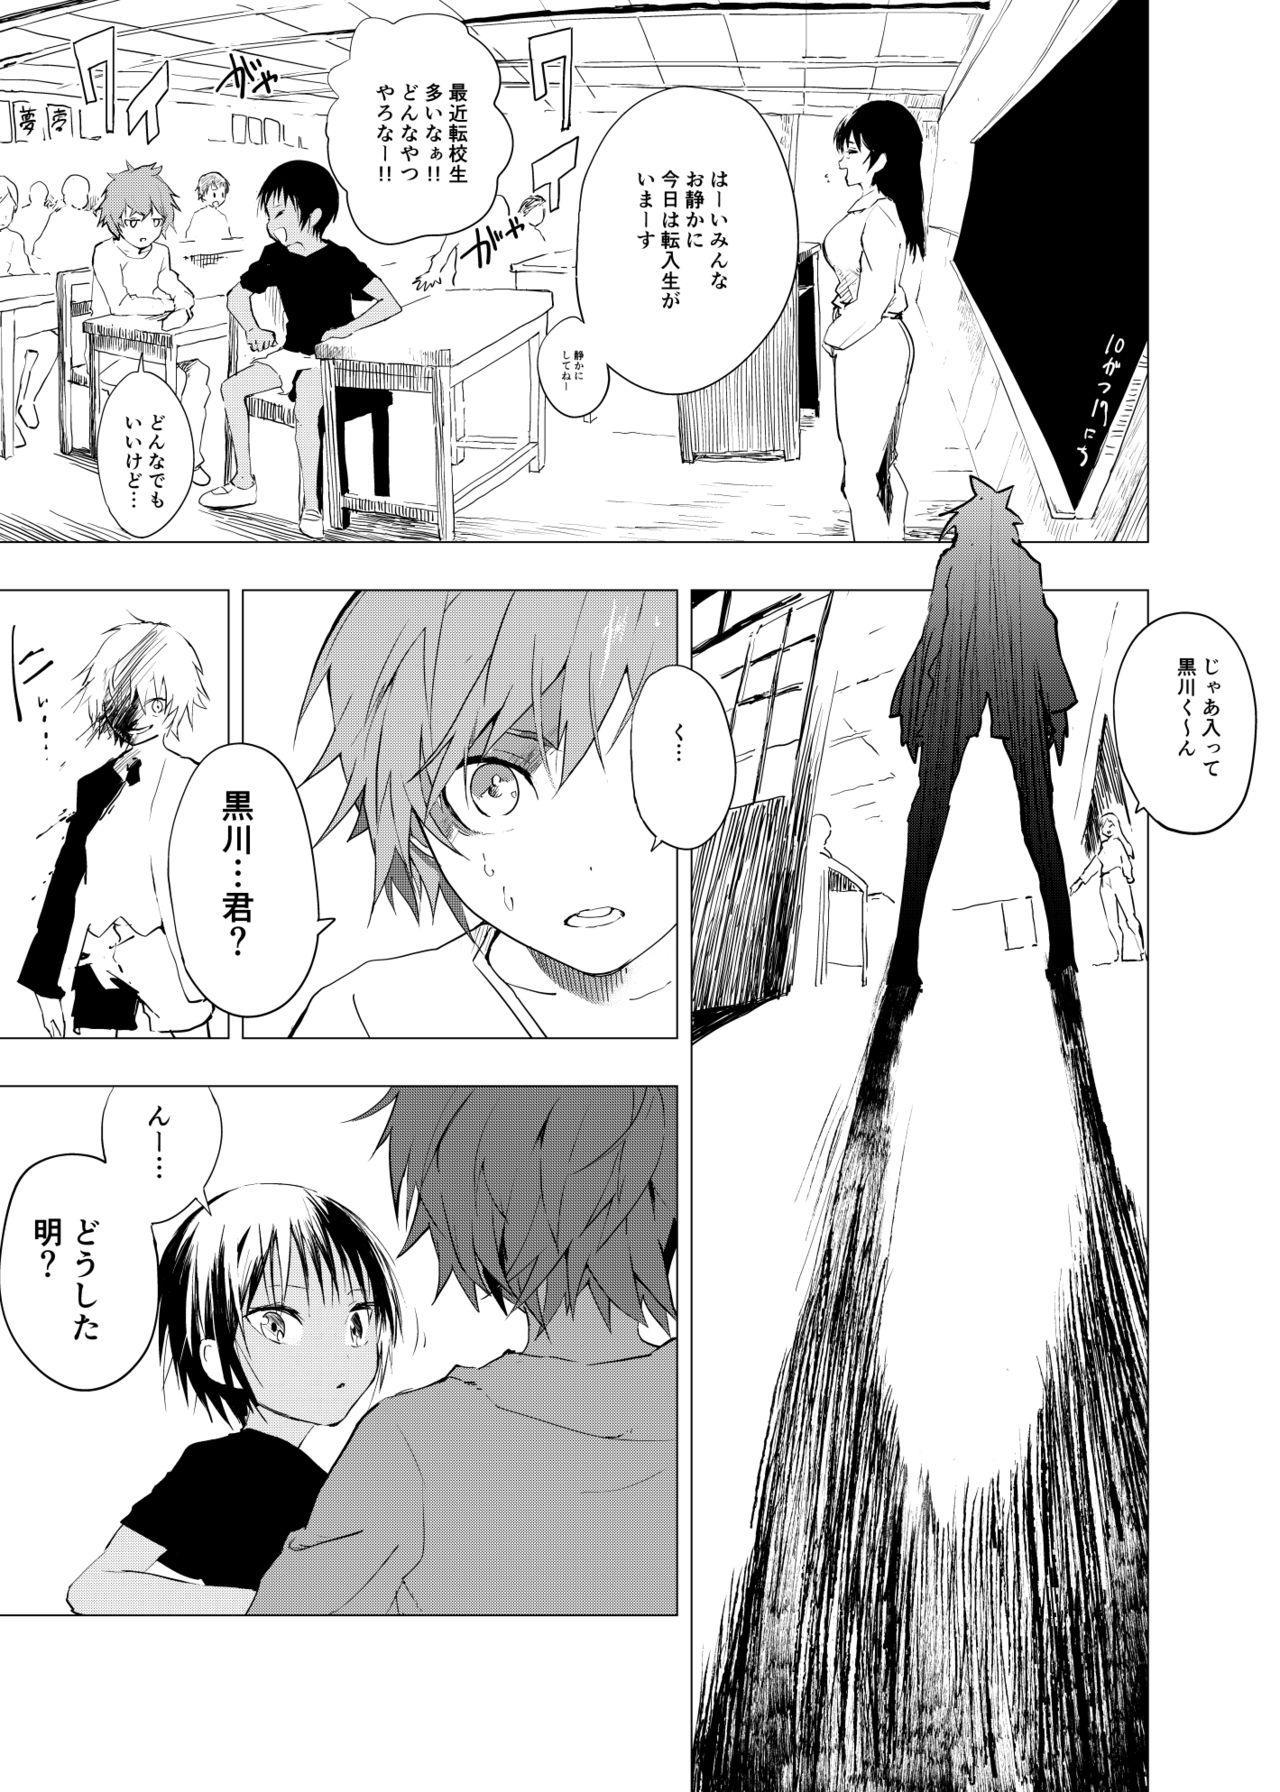 Inaka no Uke Shounen to Tokai no Seme Shounen no Ero Manga 1-6 83